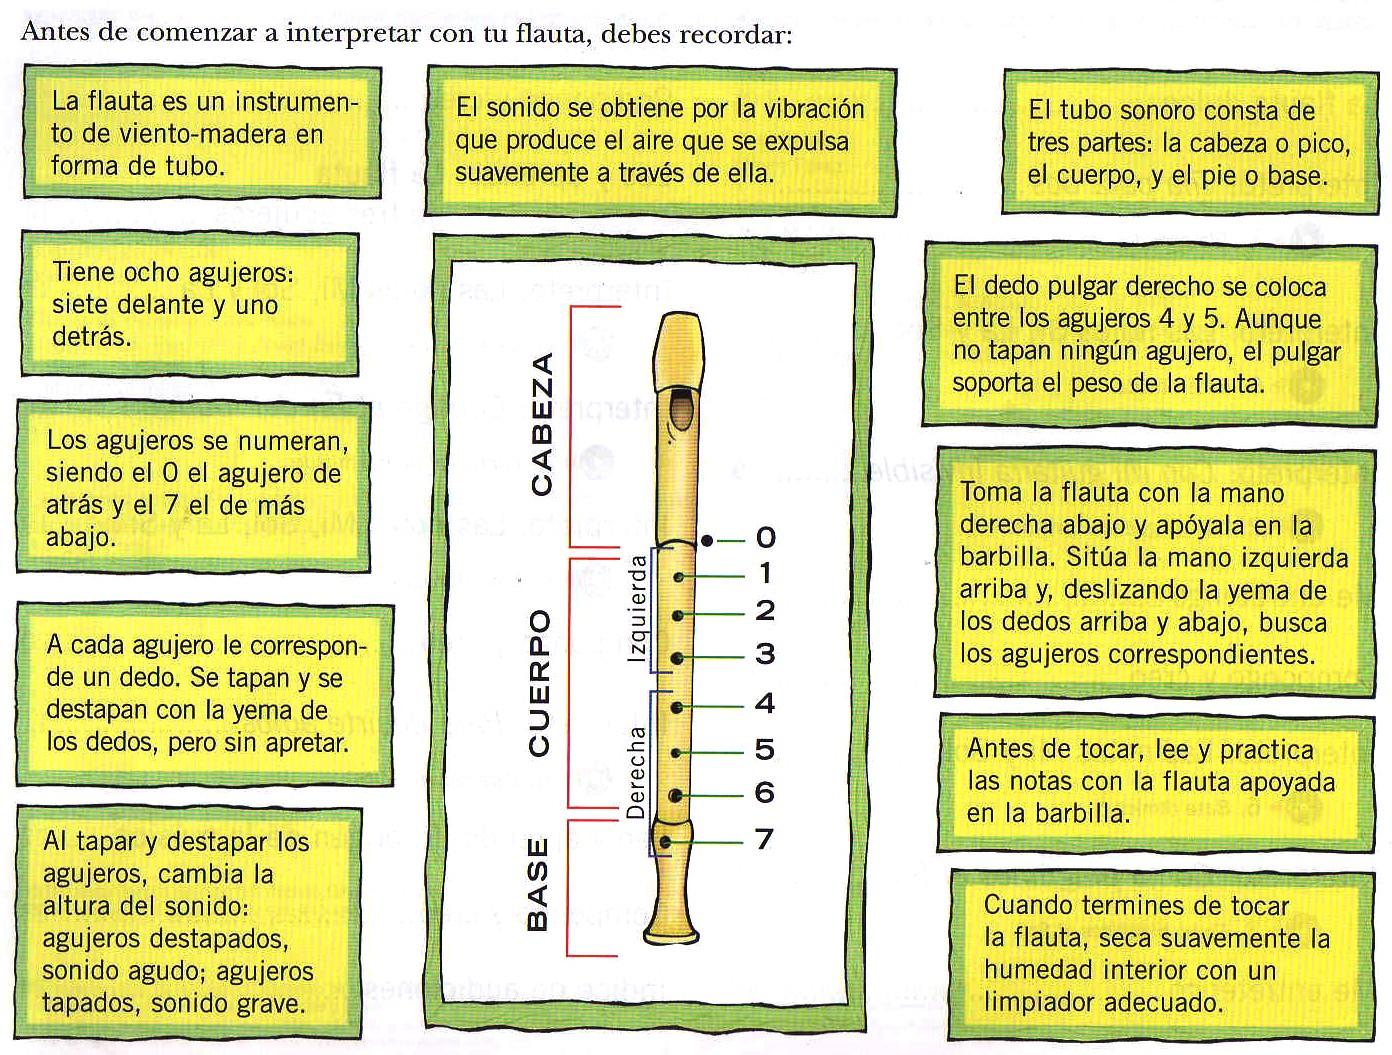 Partes de la flauta mcarmenfer 39 s blog for Agujeros en el cuerpo